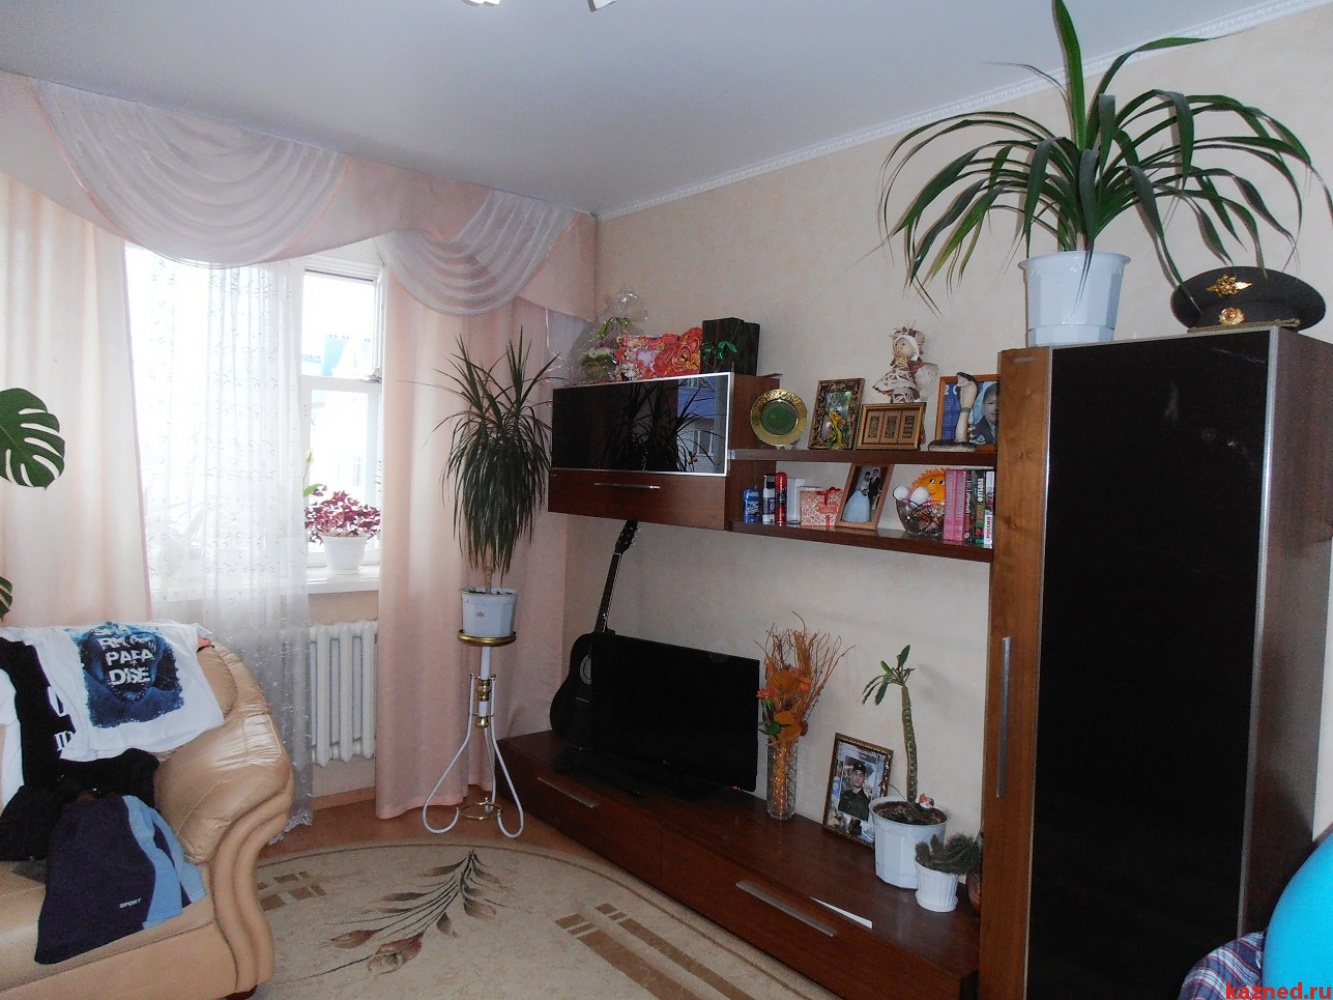 Продажа 2-к квартиры Симонова ул, 16, 51 м² (миниатюра №2)